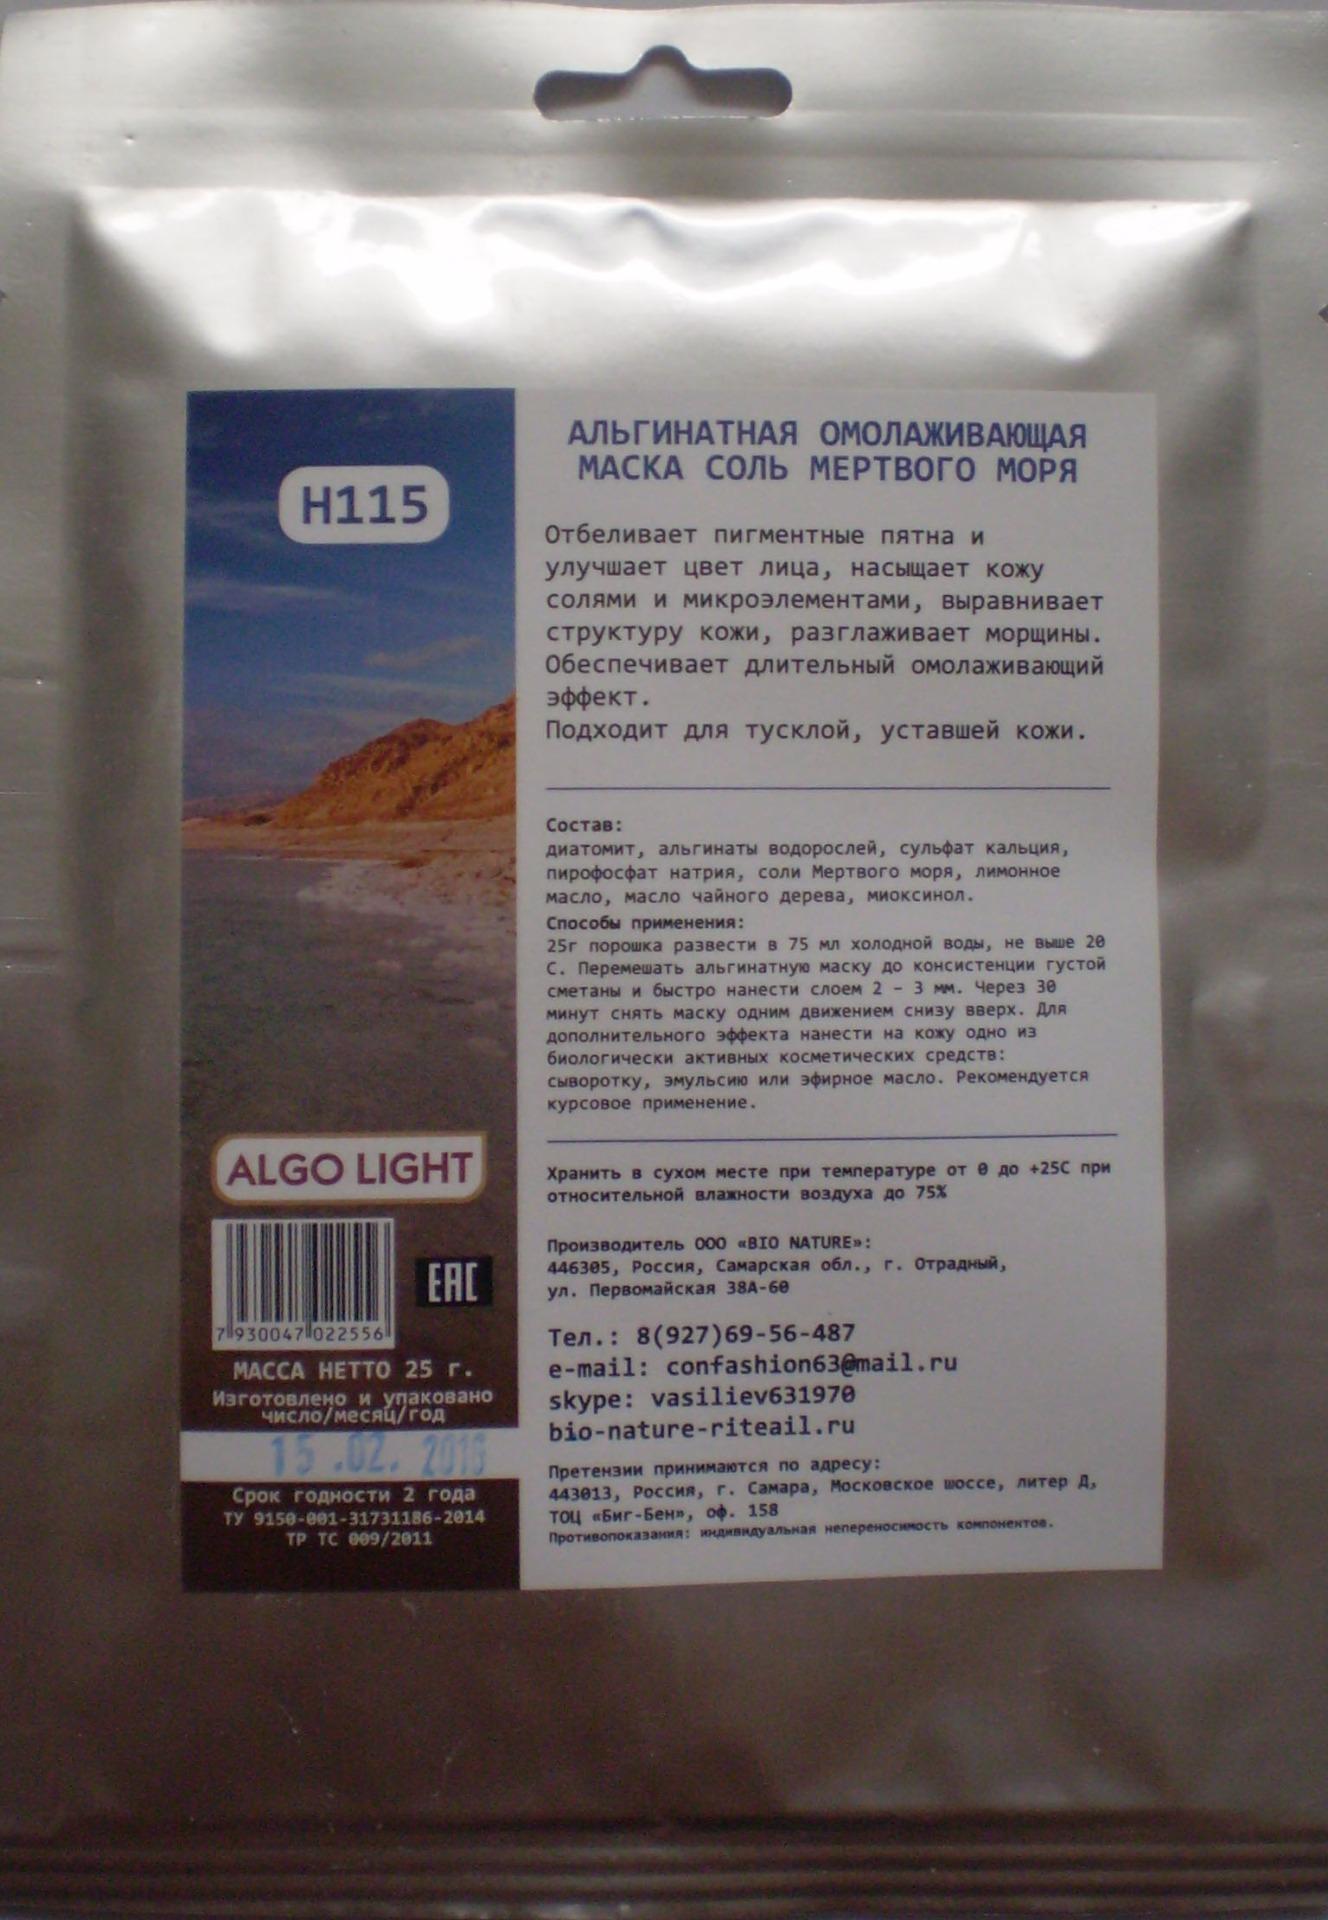 ALGO LIGHT Маска омолаживающая, соль мертвого моря / ALGO LIGHT 25 г